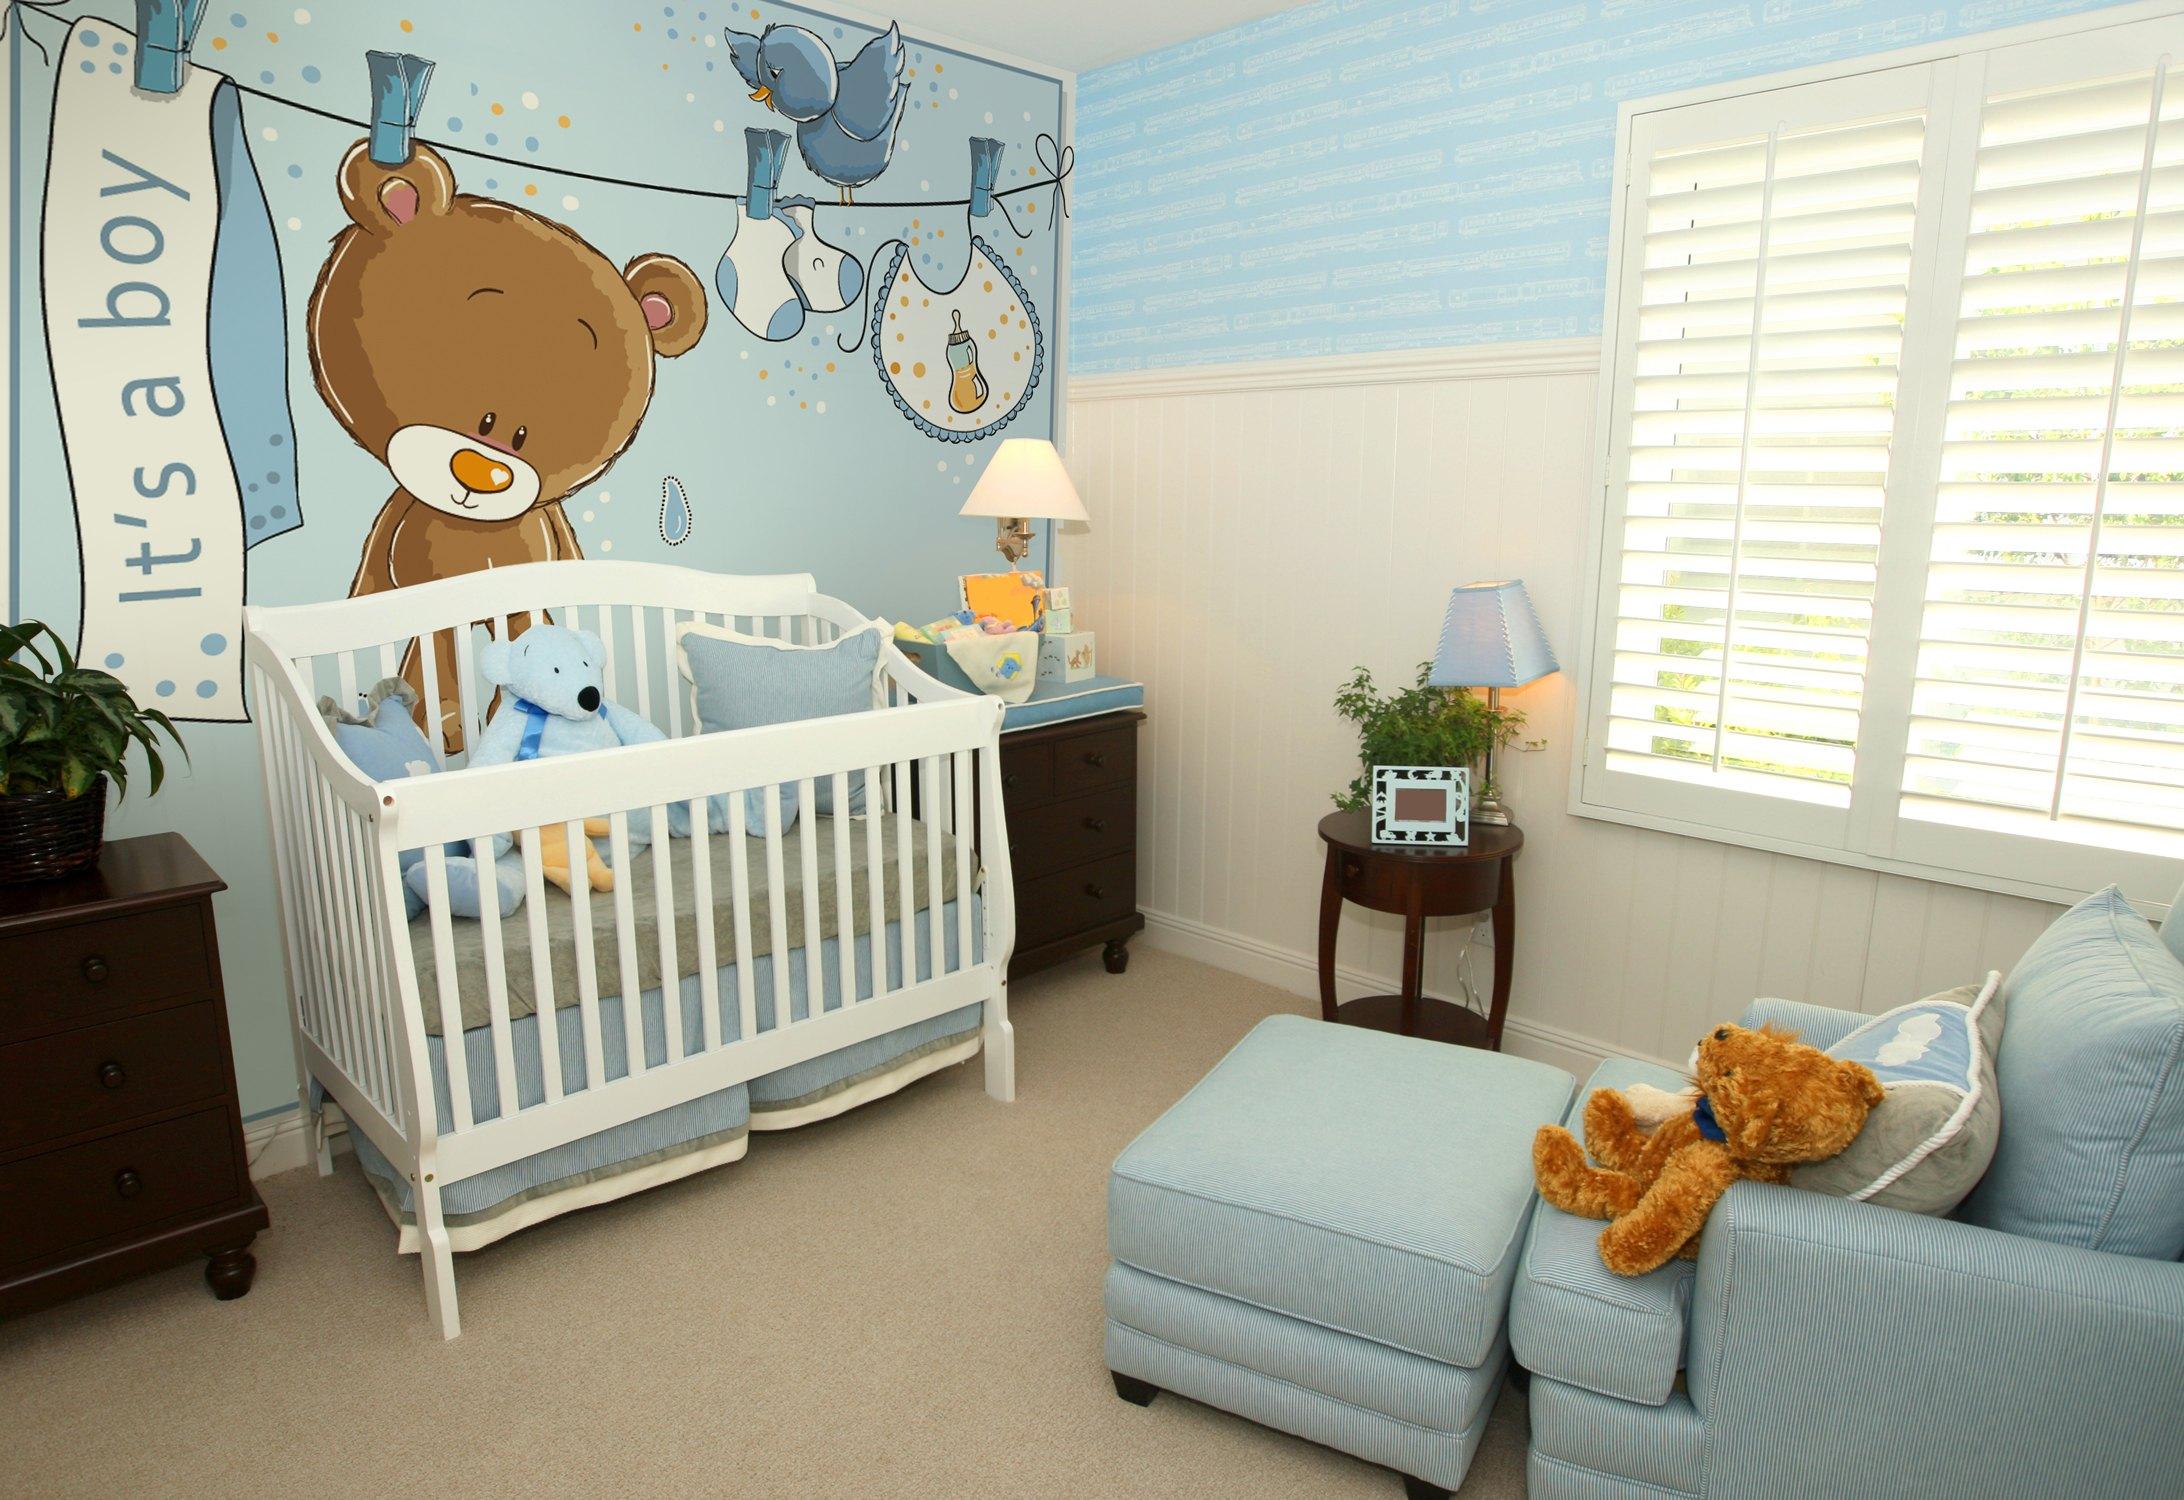 tapety deKEA do pokojów dziecięcych